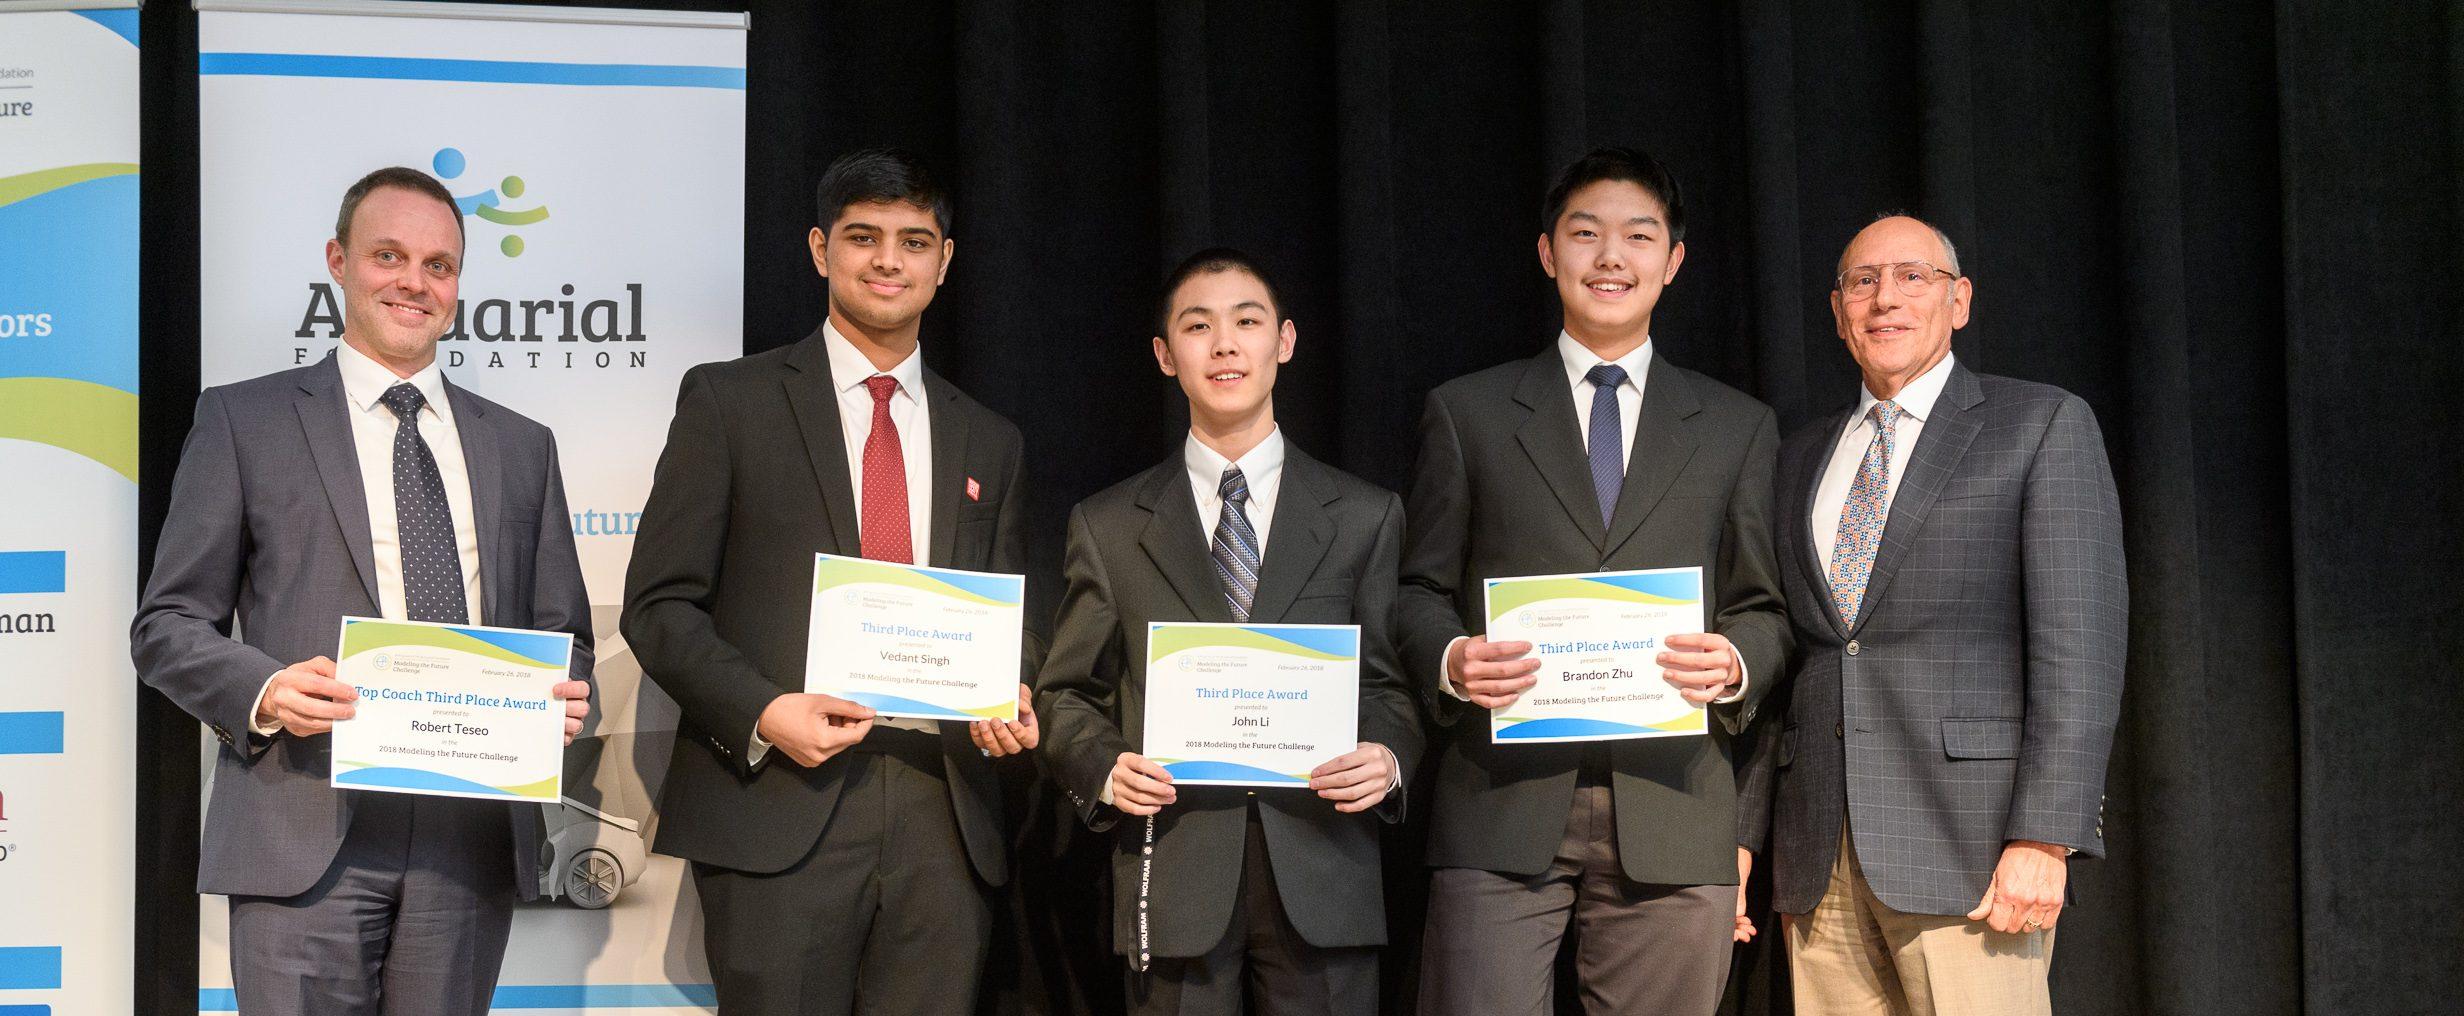 Team Wheatley A - Award